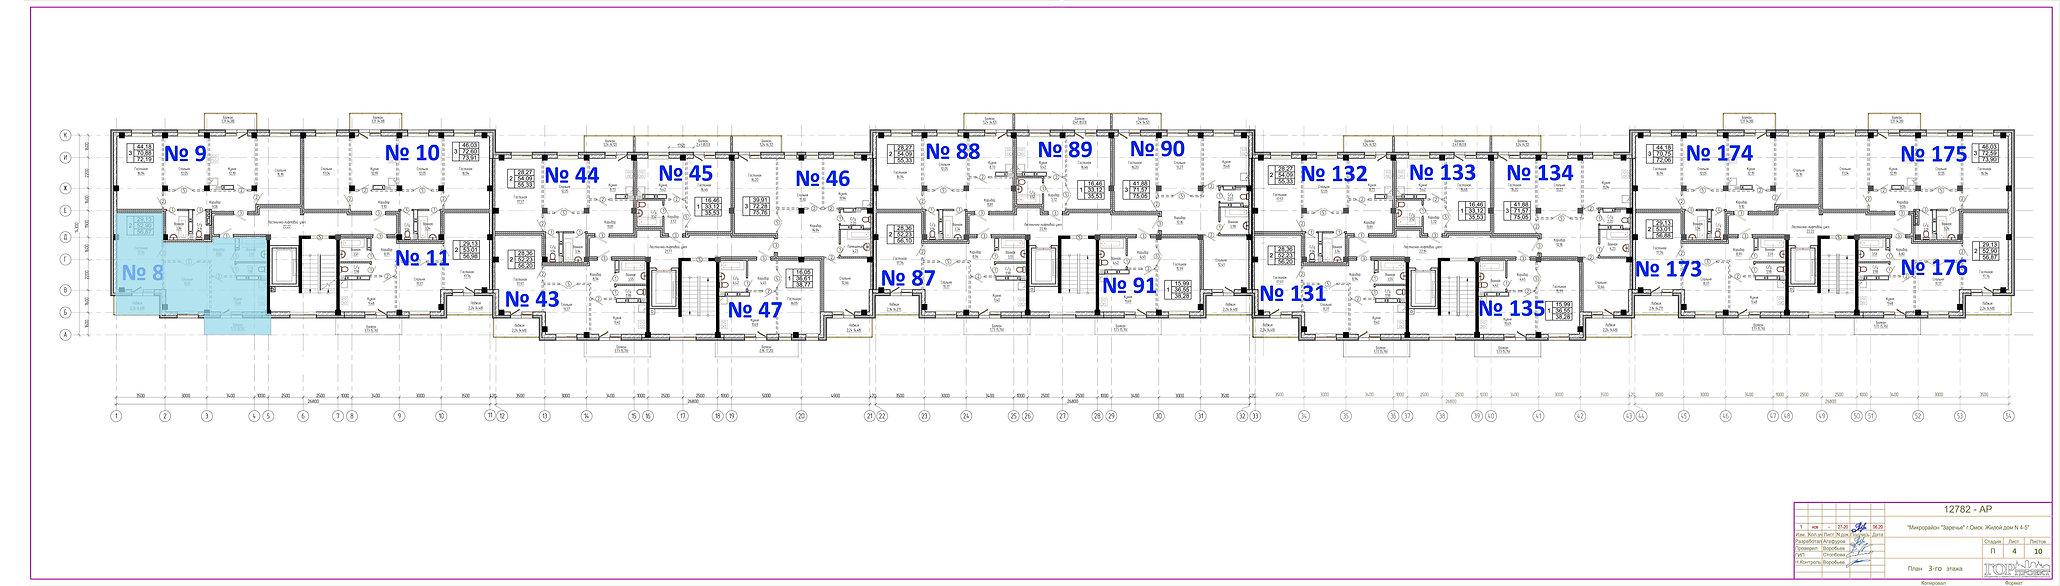 3 этаж кв 8.jpg